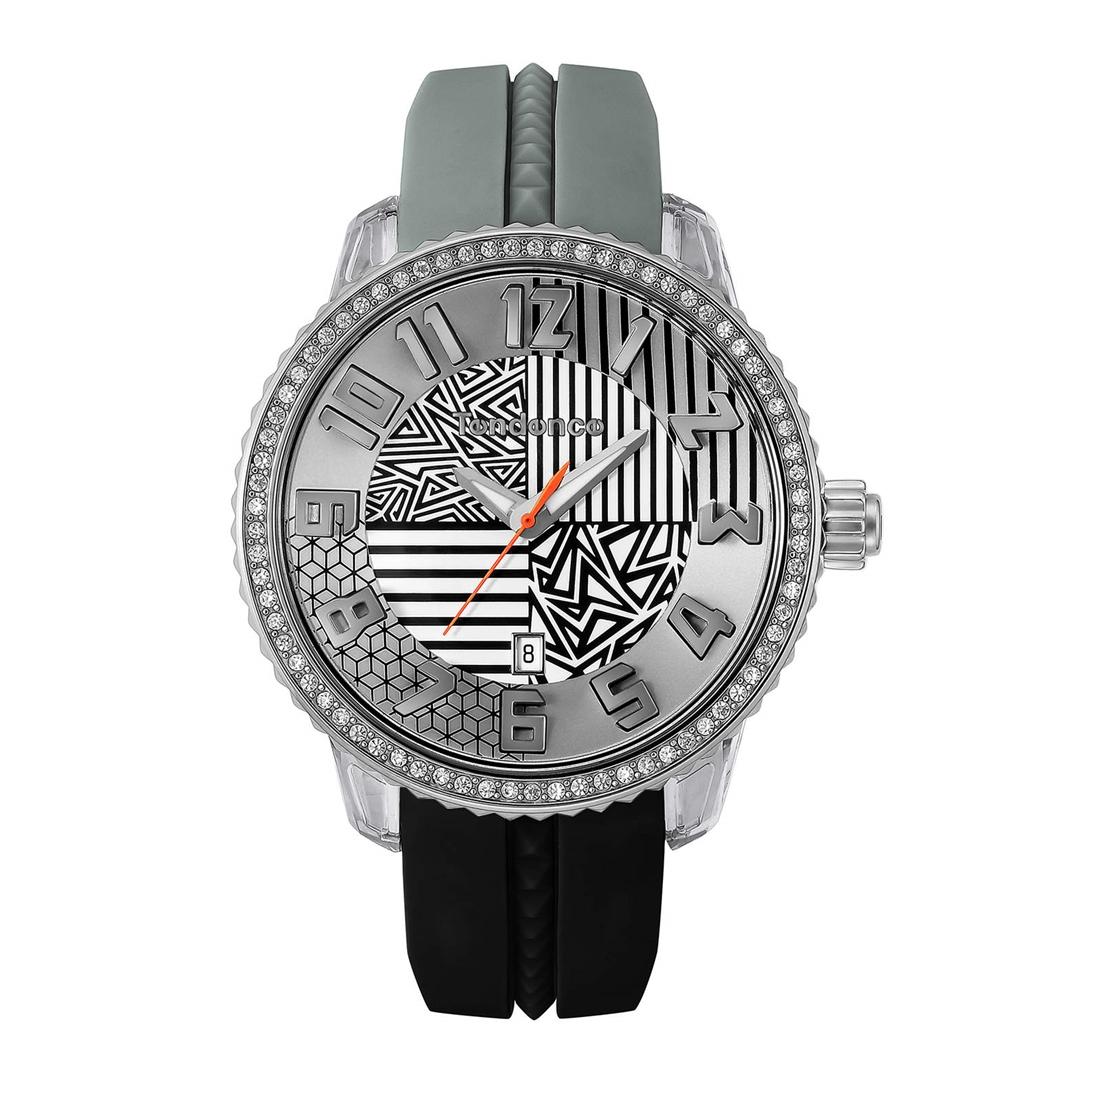 【今ならオーバーサイズノートプレゼント】 テンデンス Tendence TY930066 クレイジー 正規品 腕時計